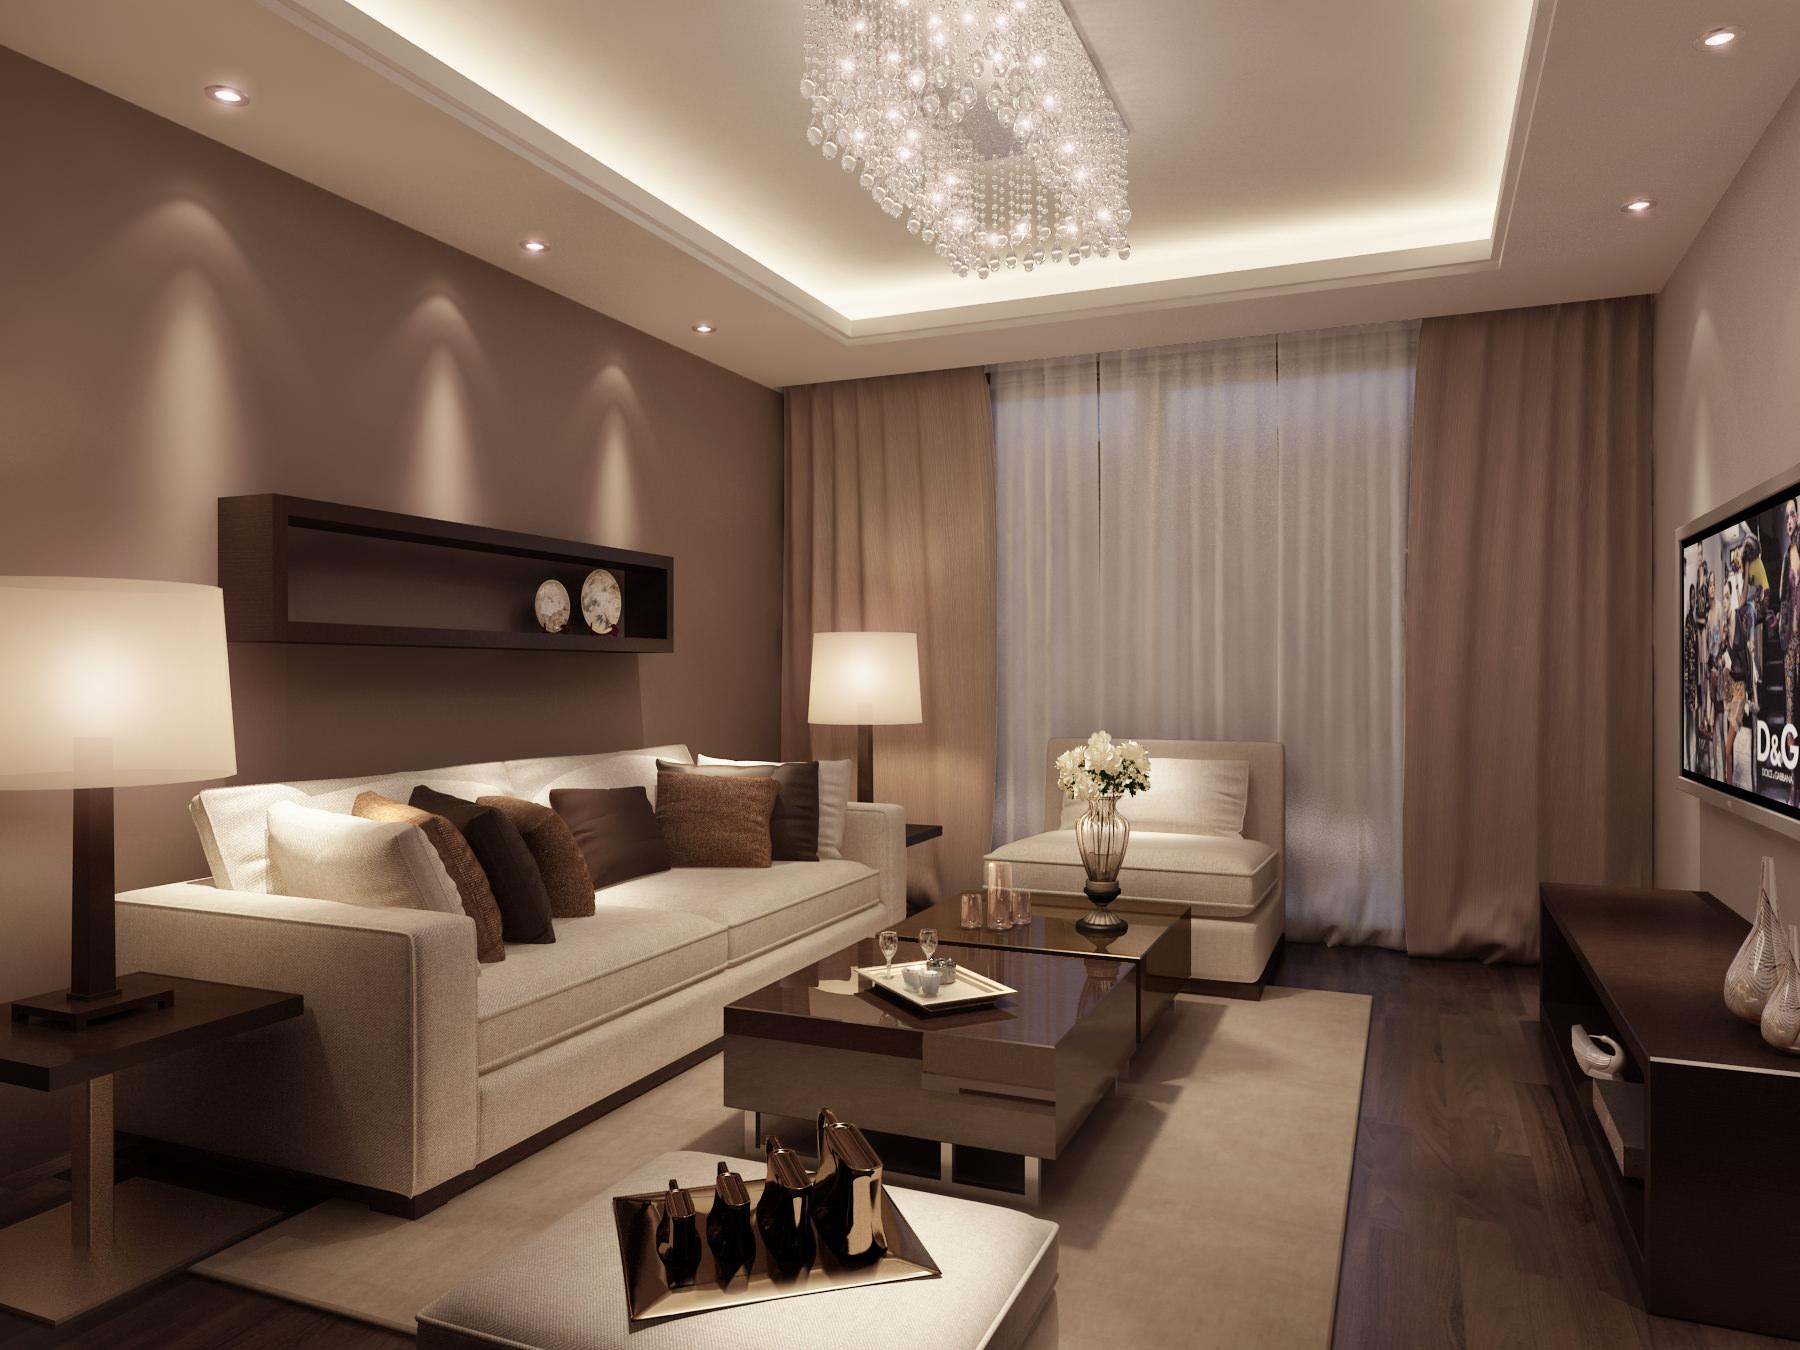 Model Interior Design Living Room - palesten.com -